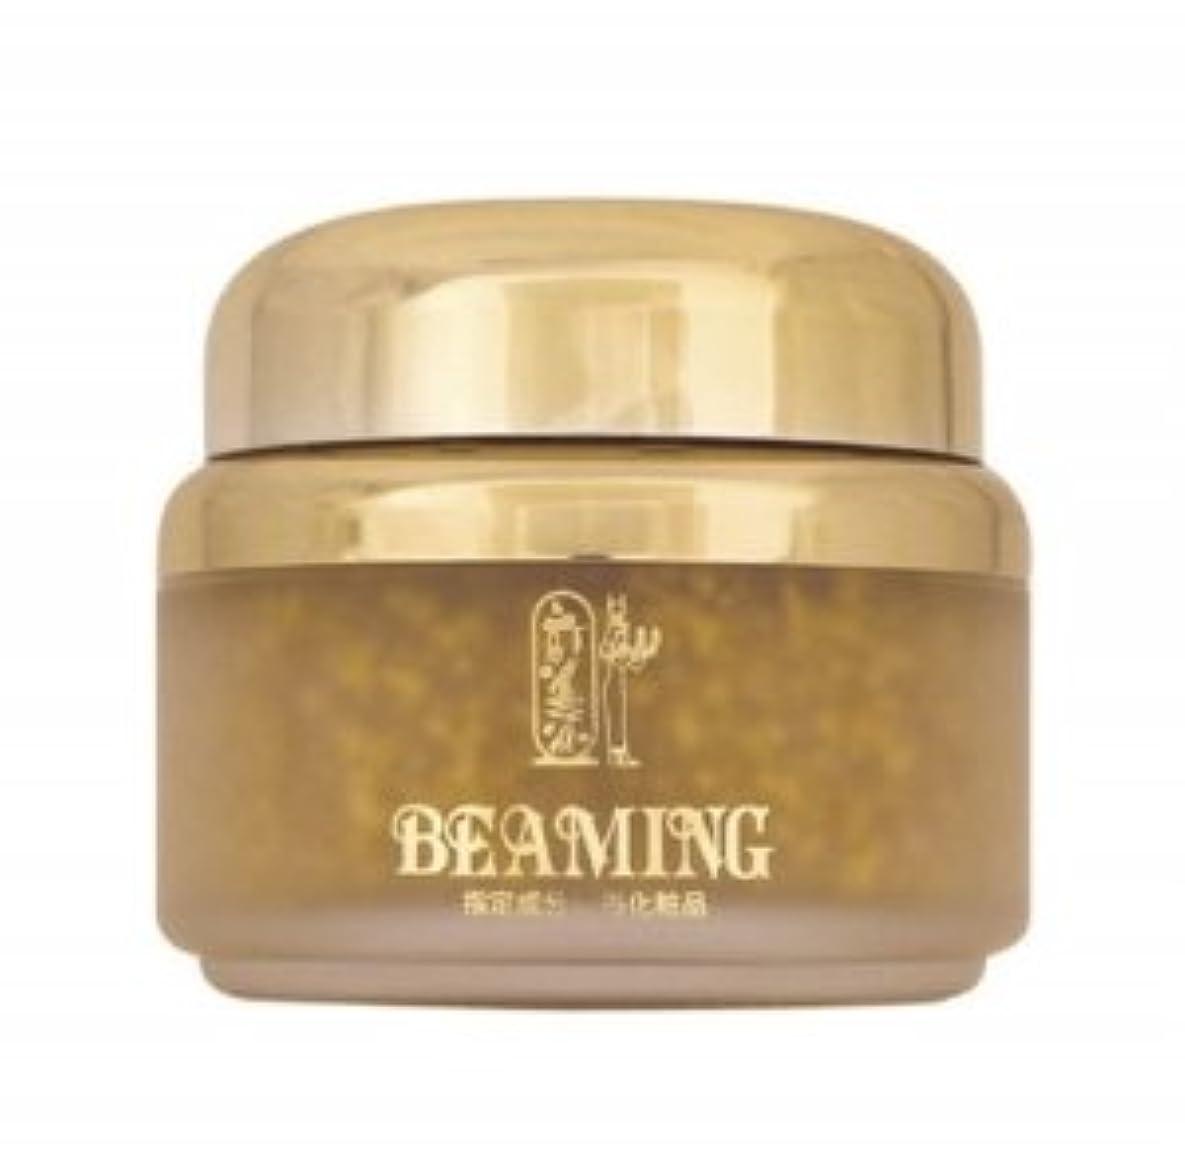 極めてランデブーひどくビーミングシリーズ 100% 無添加 美容界の奇跡 超高級 純金箔 錆びない肌 究極の スキンケアセット クレオパトラ の 基礎化粧品 日本製 (ビーミングゴールドフェースブロック)